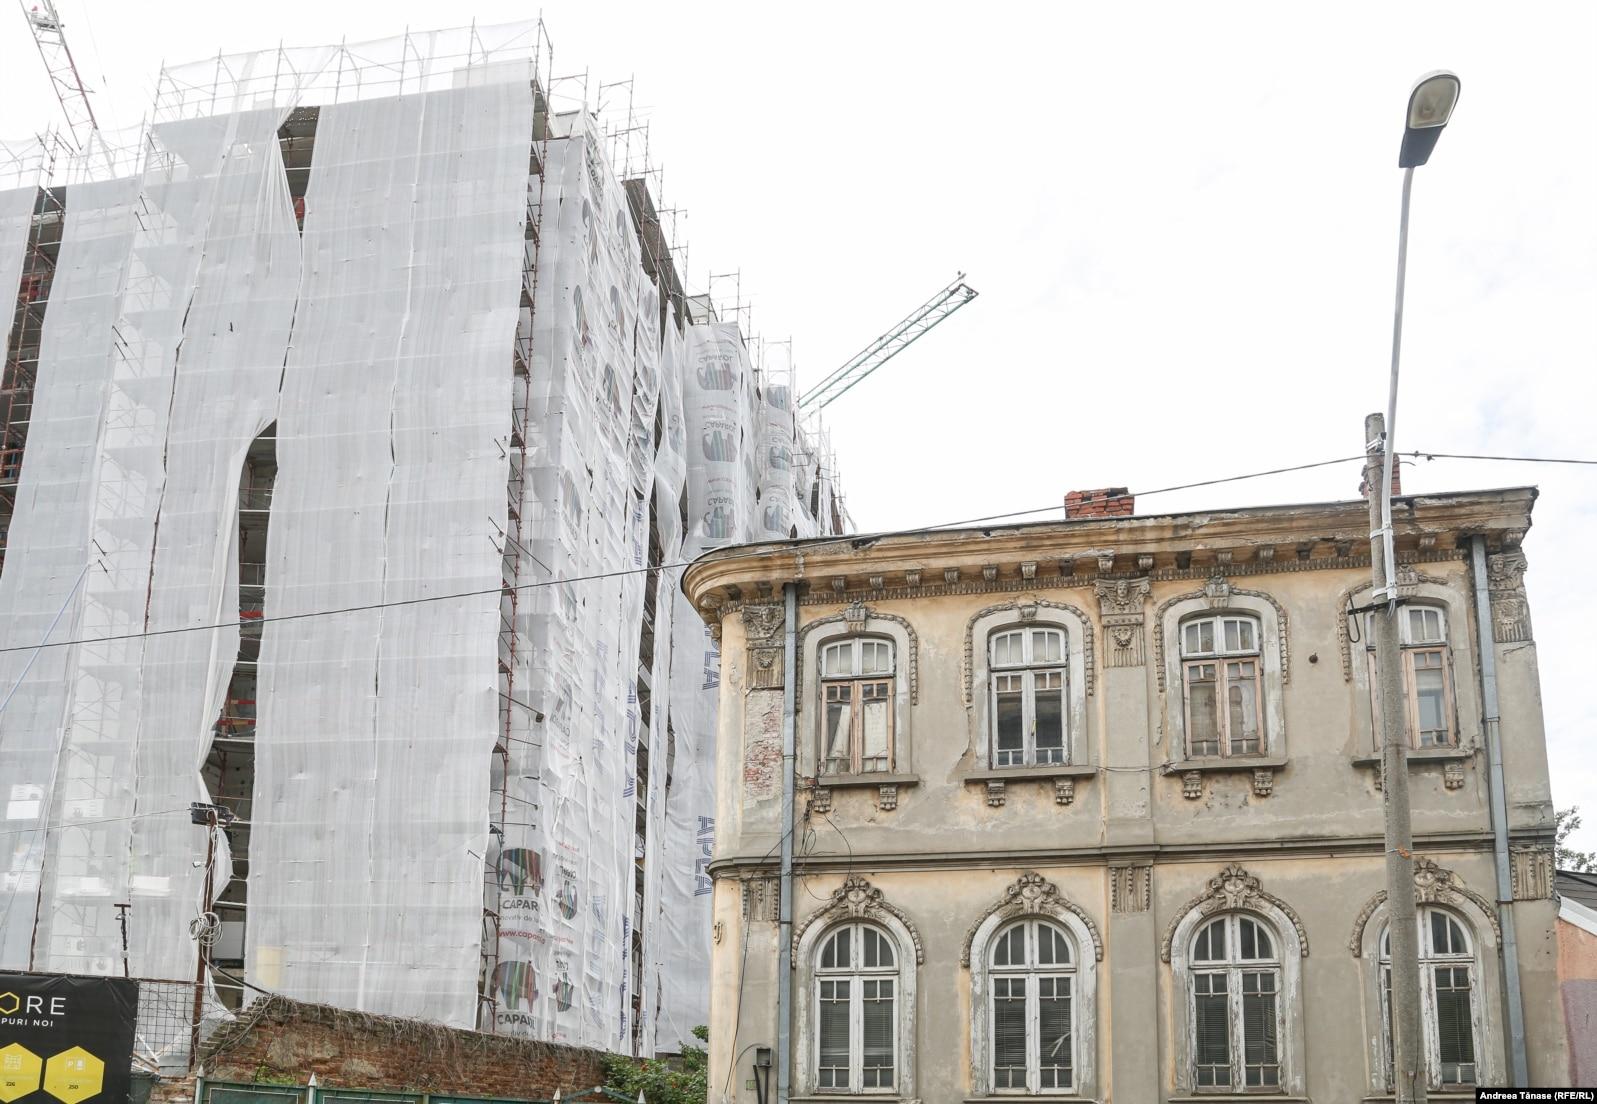 Peste 50% din proprietățile din România nu au întocmite actele cadastrale.